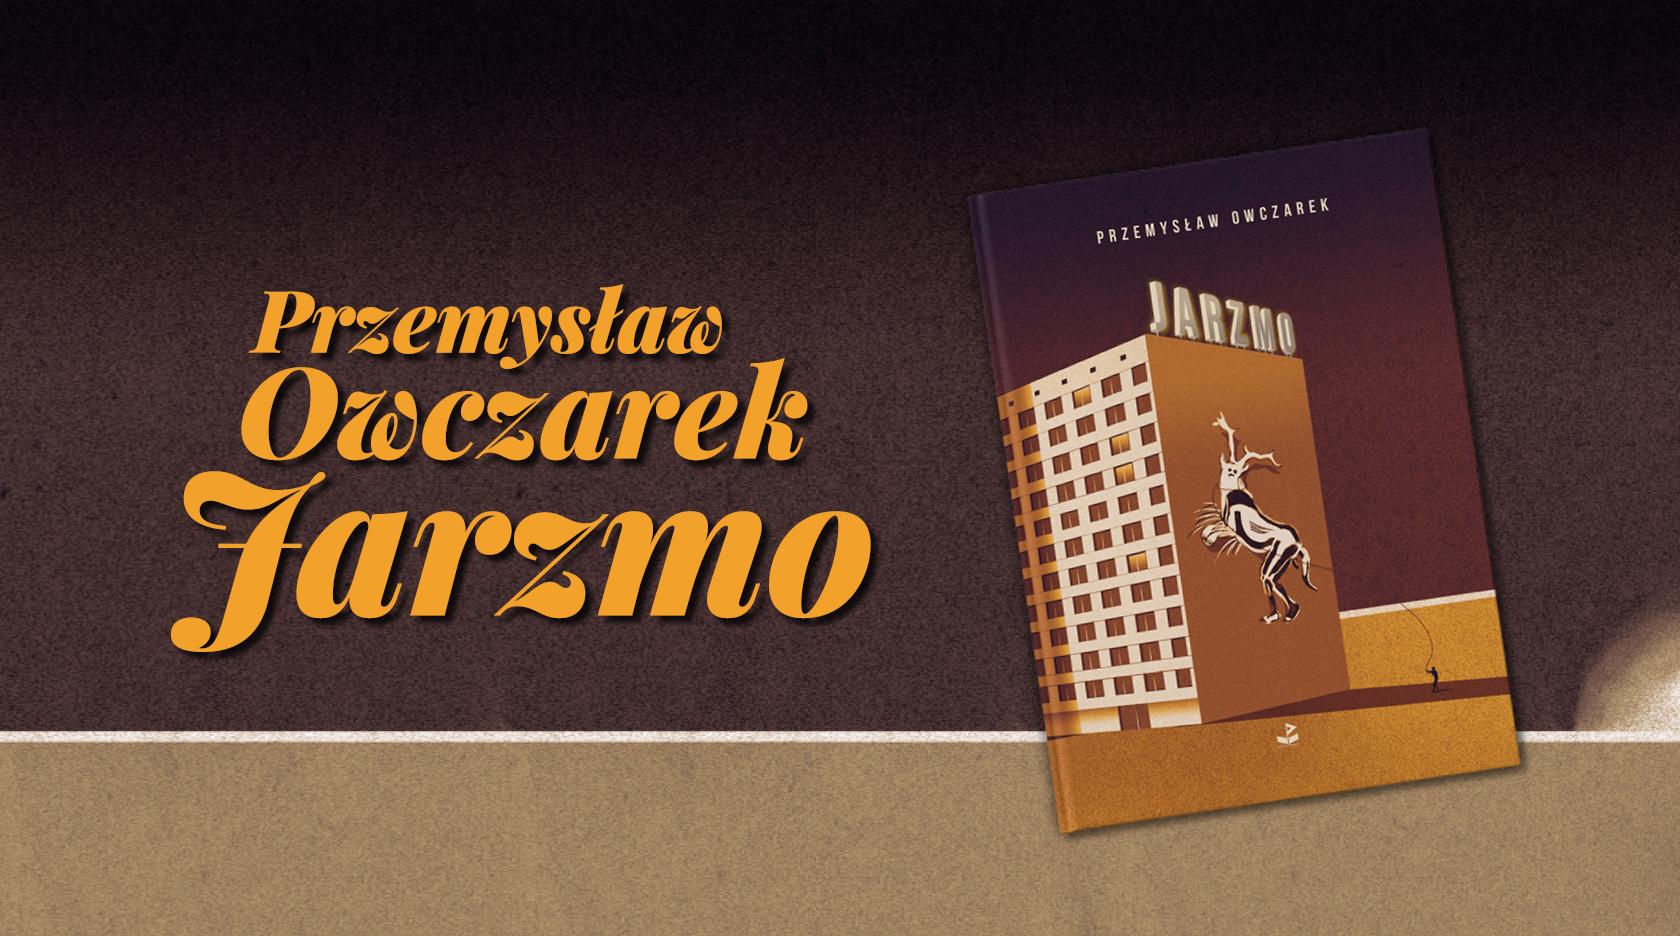 BL Img 2017.03.30 Jarzmo Owczarka w Stacji Literatura 22_www_info (2)